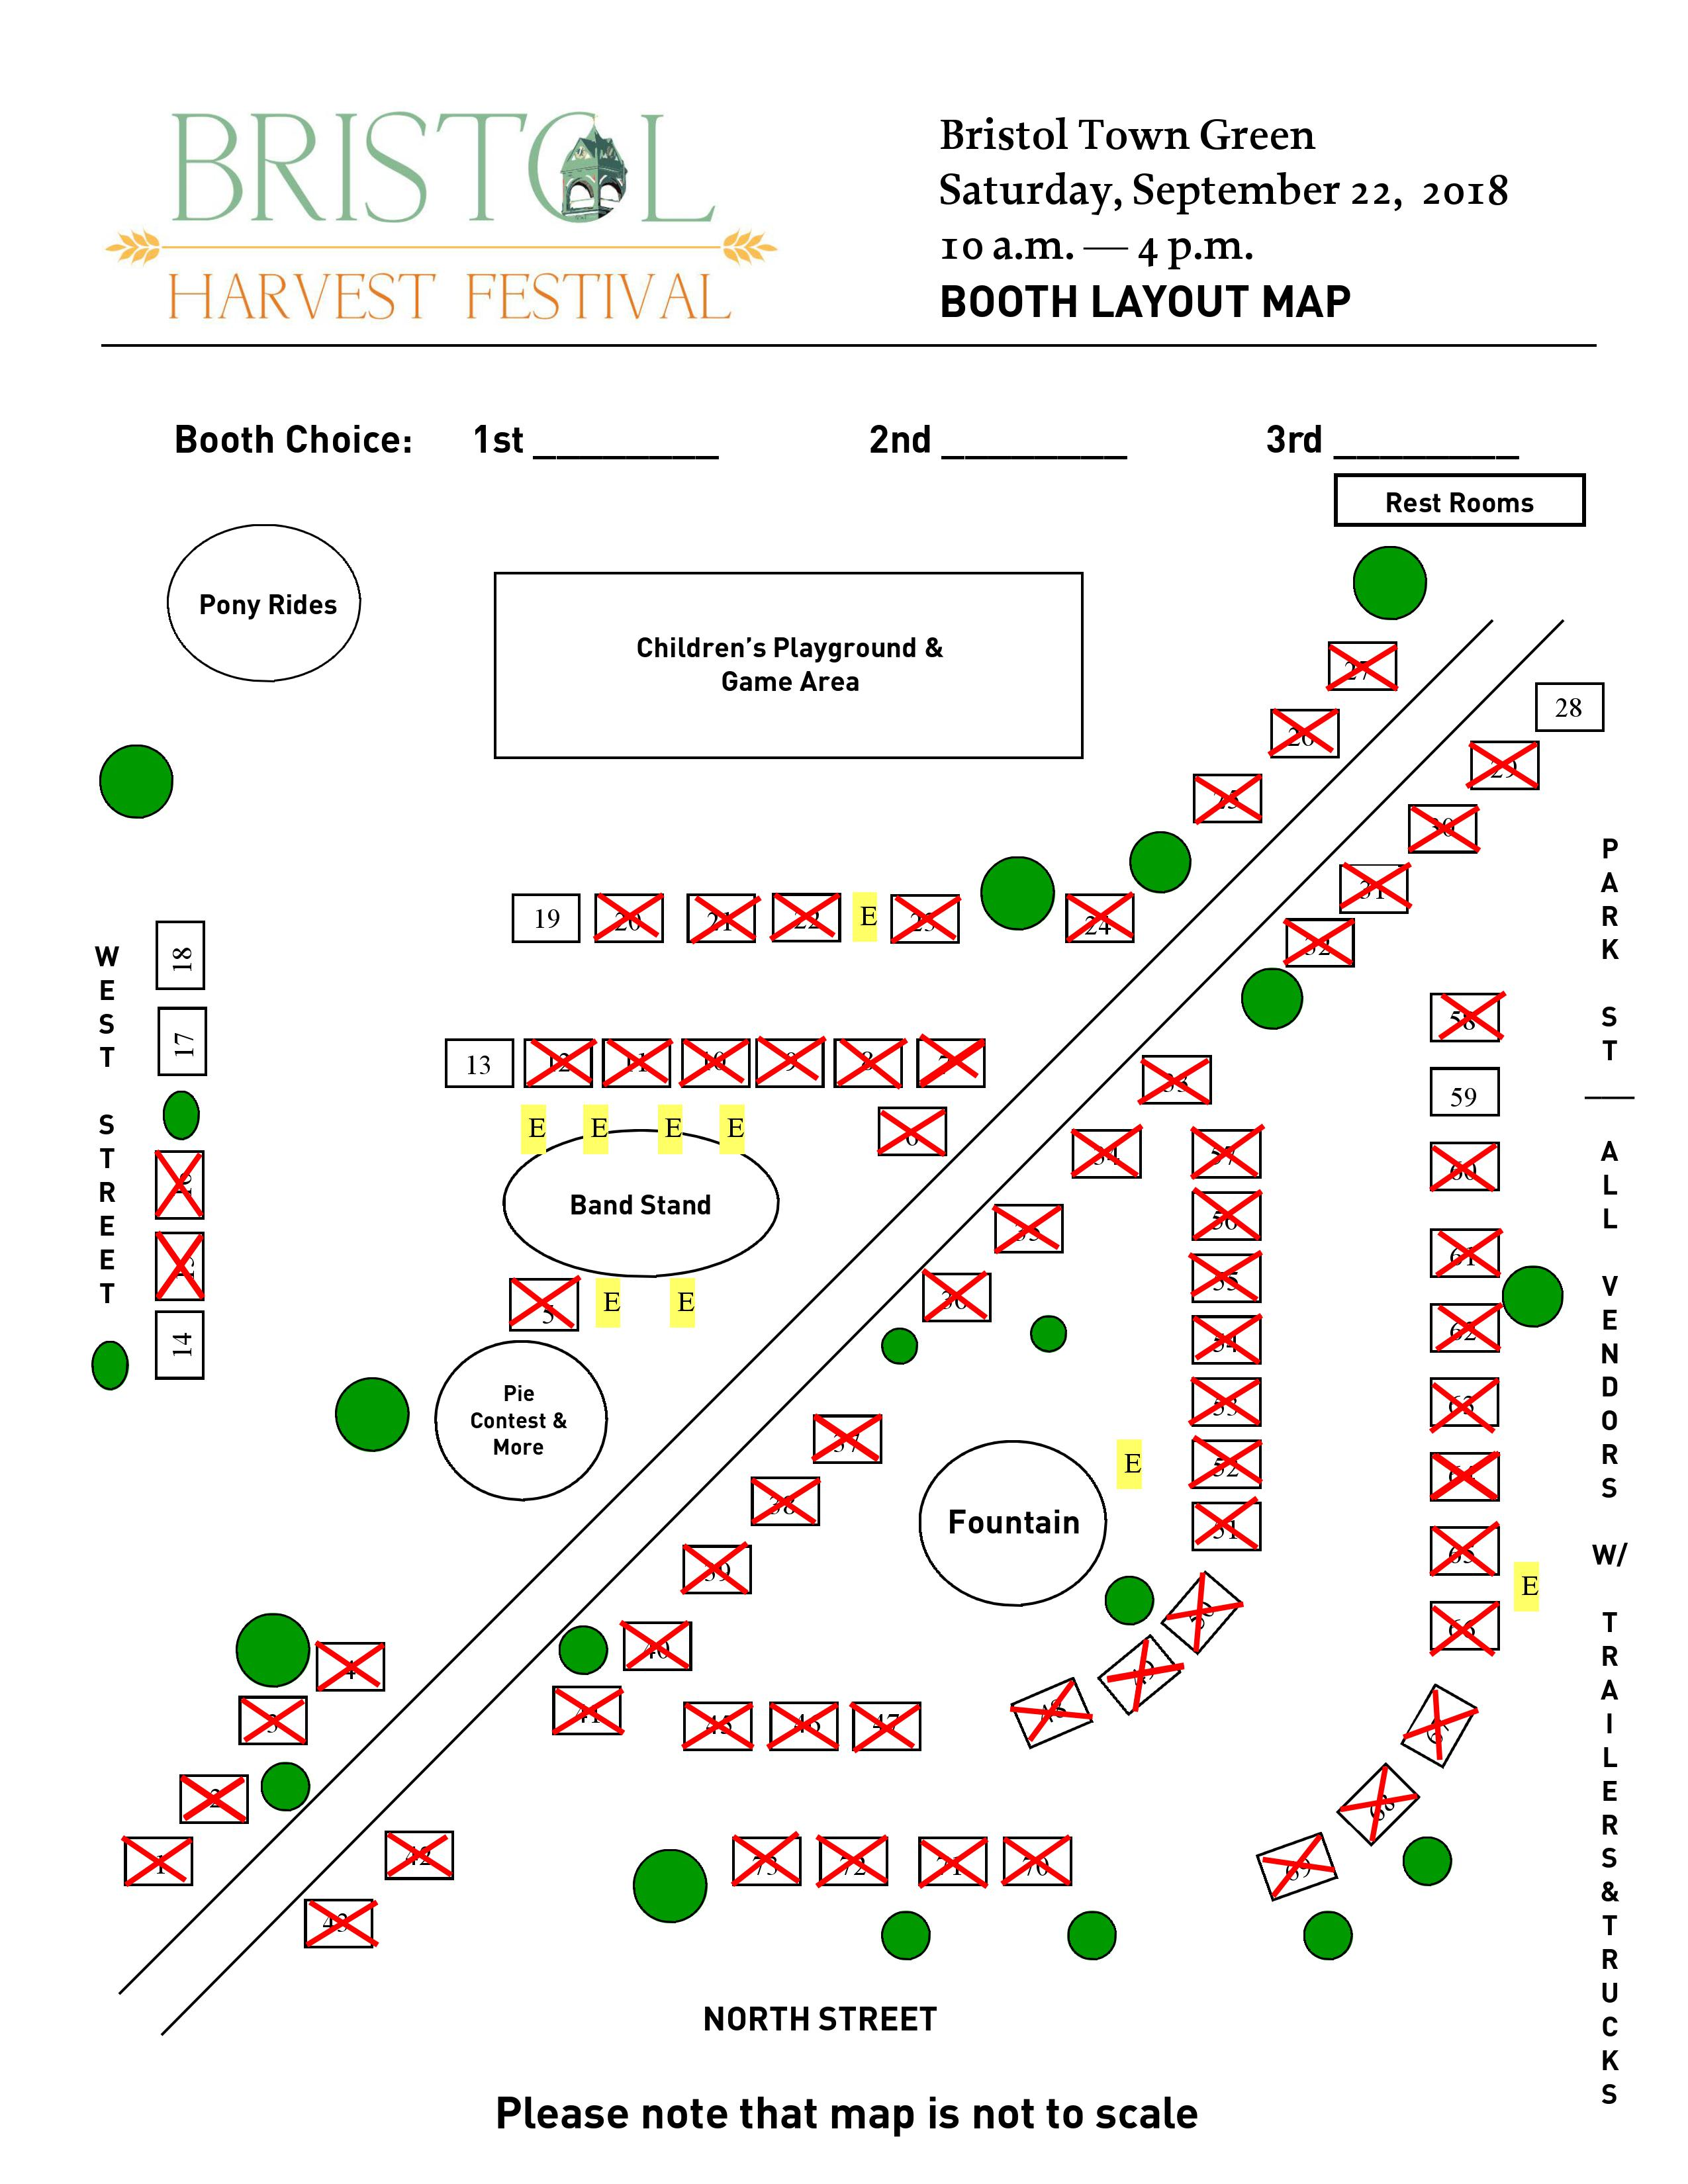 Map of vendor booths at Bristol Harvest Festival Bristol, VT